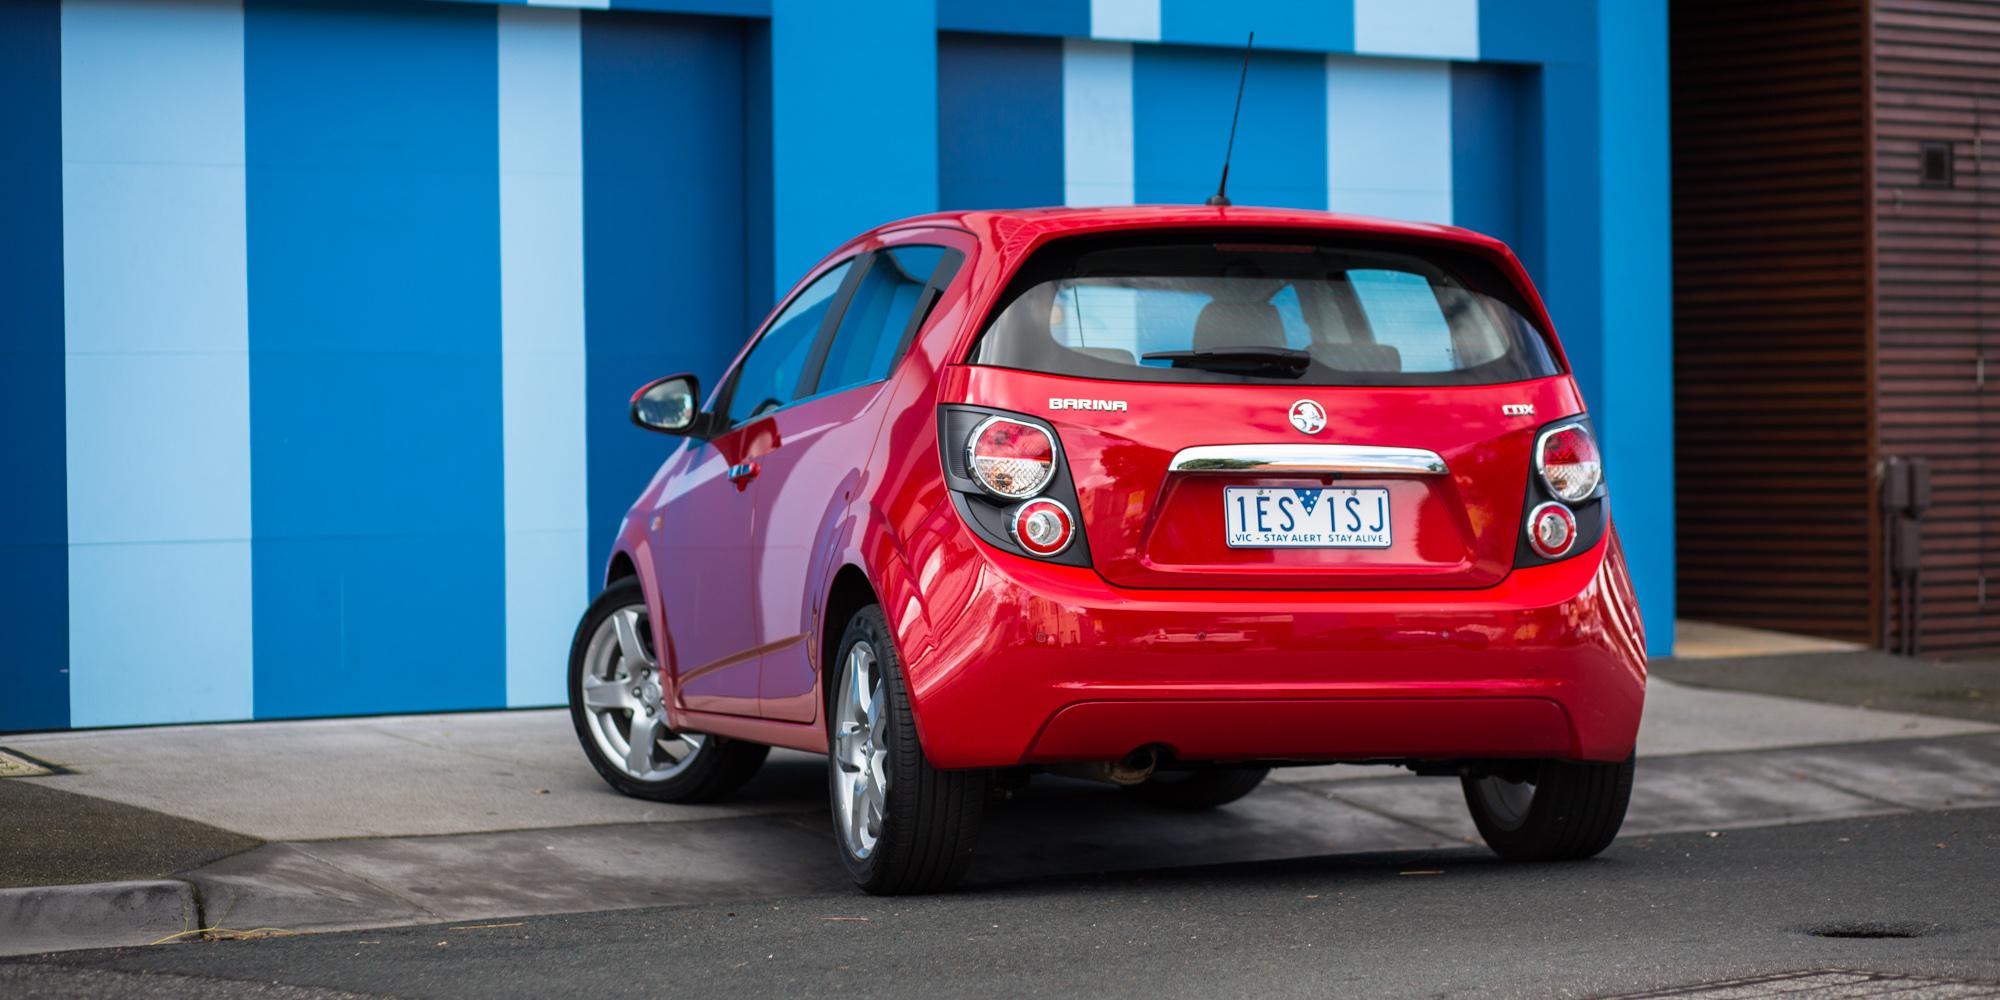 2016 Holden Barina CDX Review - photos   CarAdvice